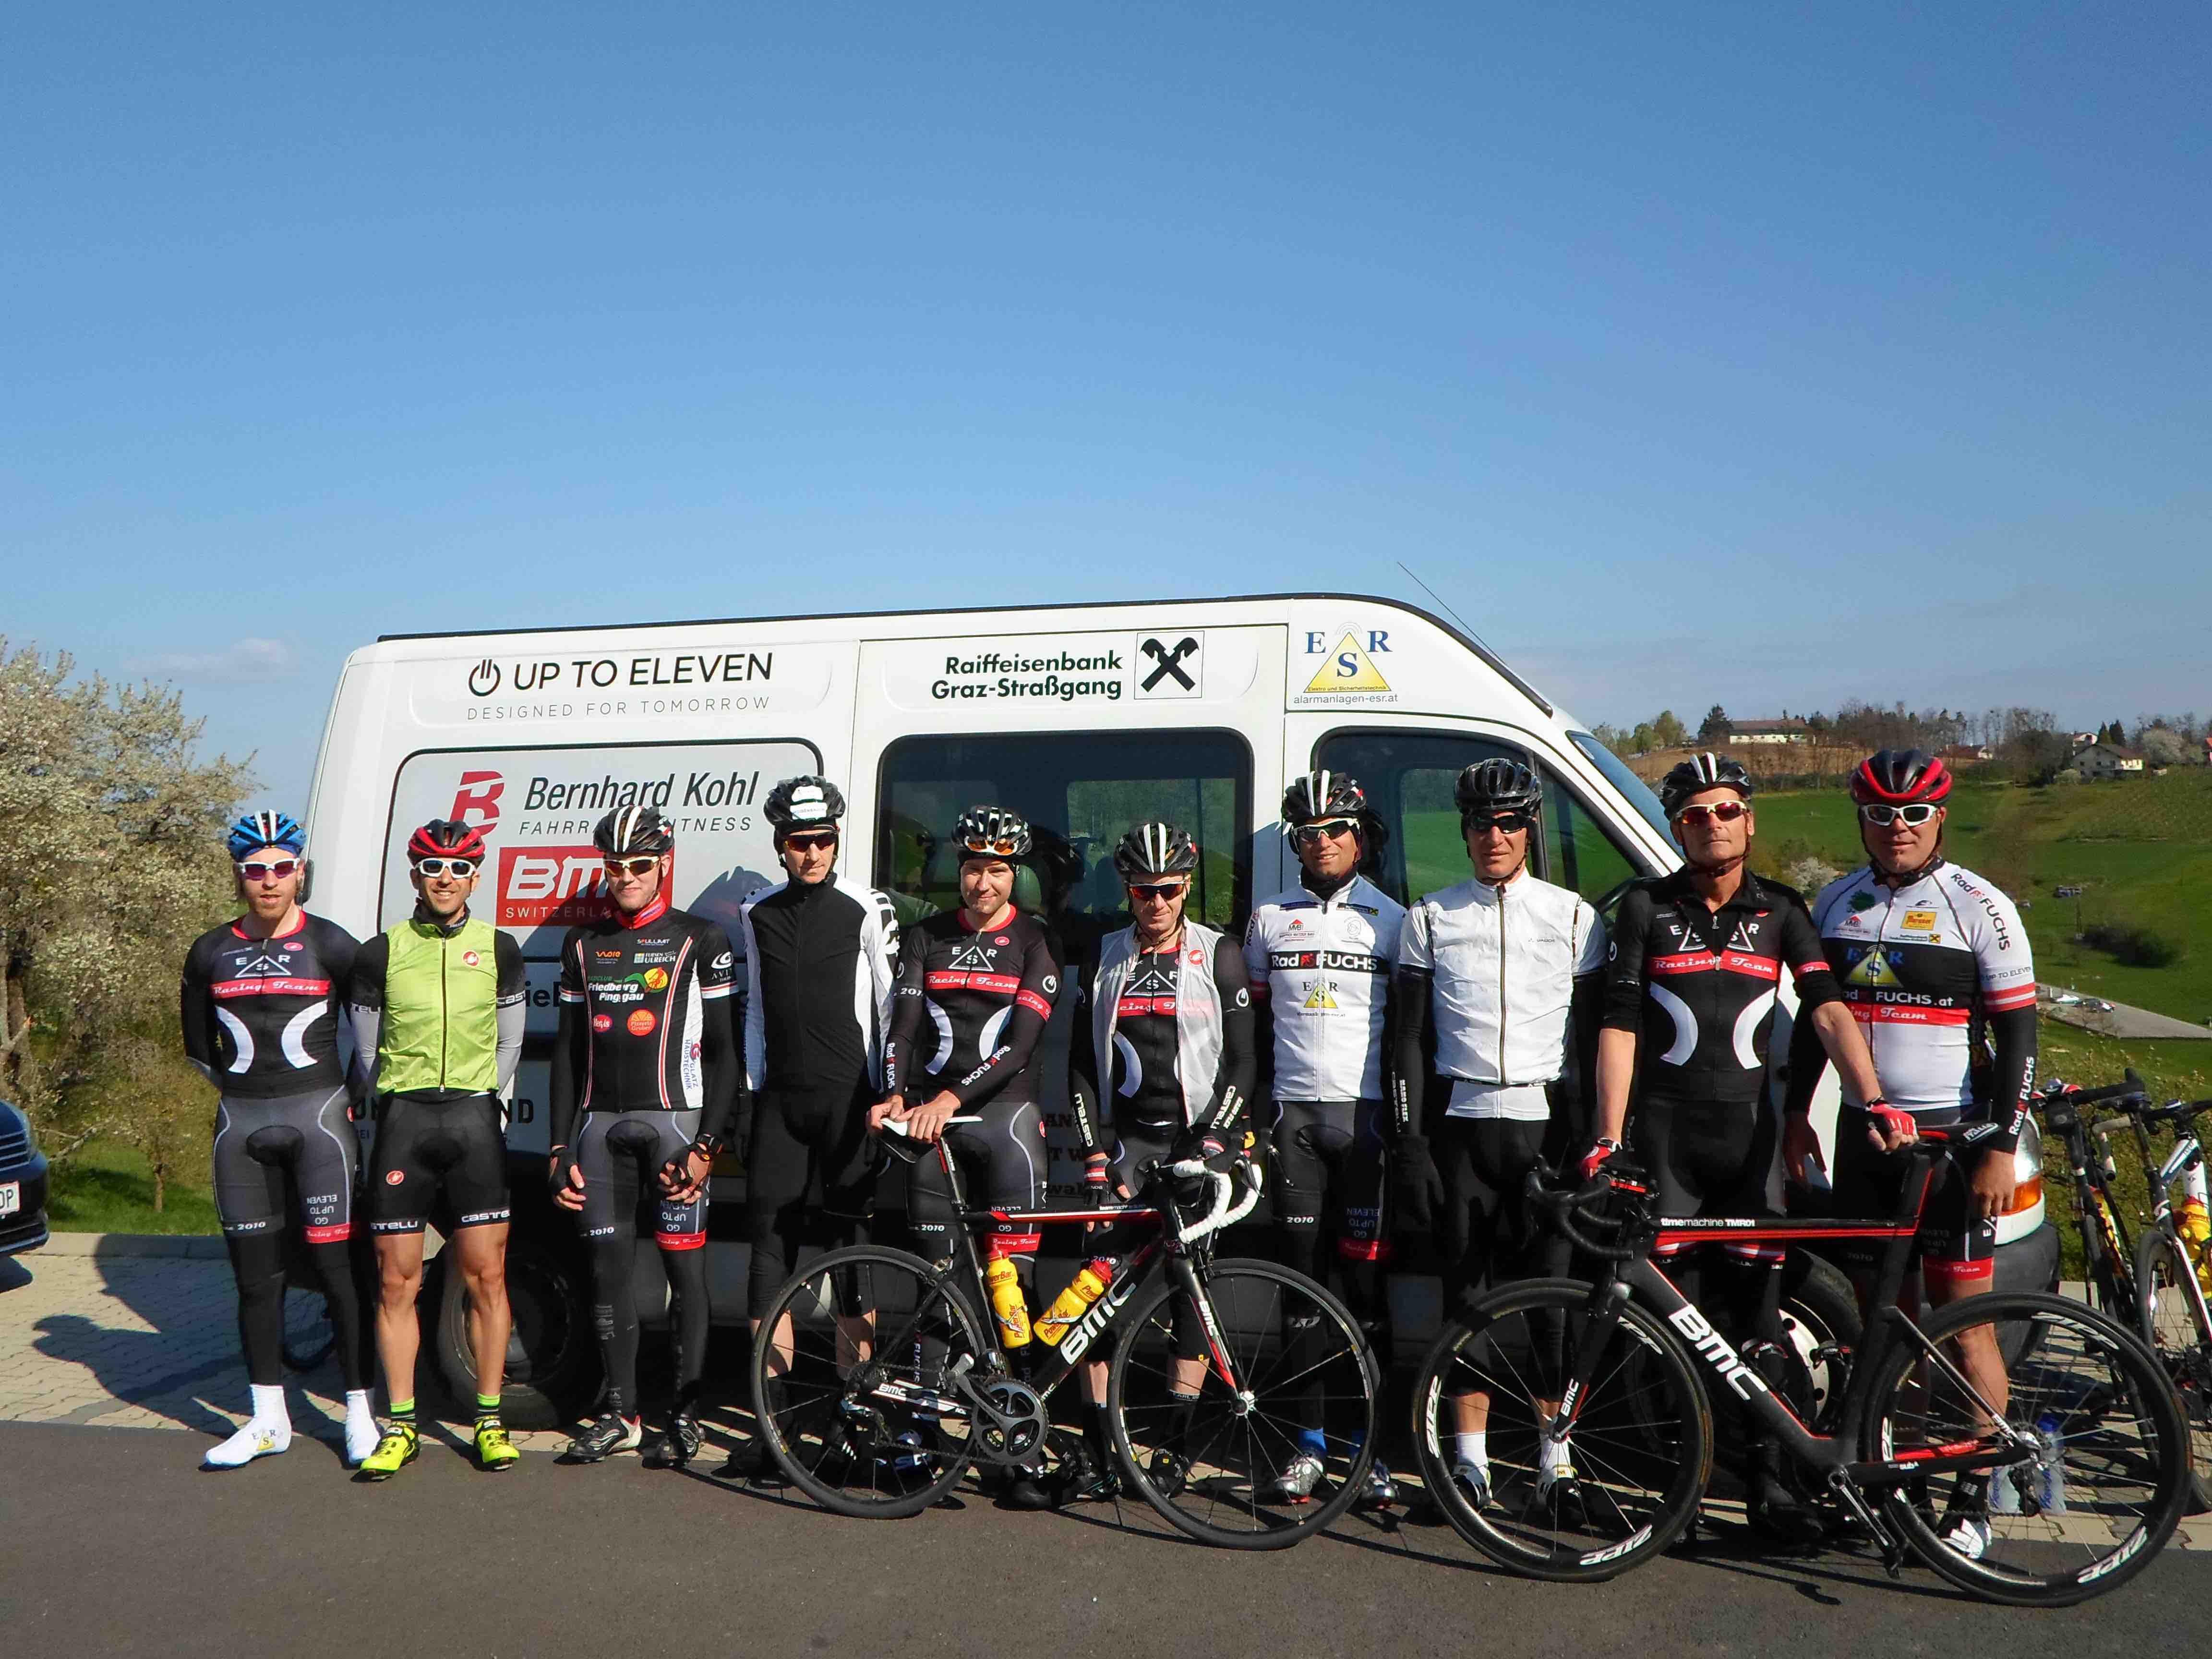 Teambuilding ESR Racing by Bernhard Kohl … Alleine sind wir stark – gemeinsam sind wir stärker!